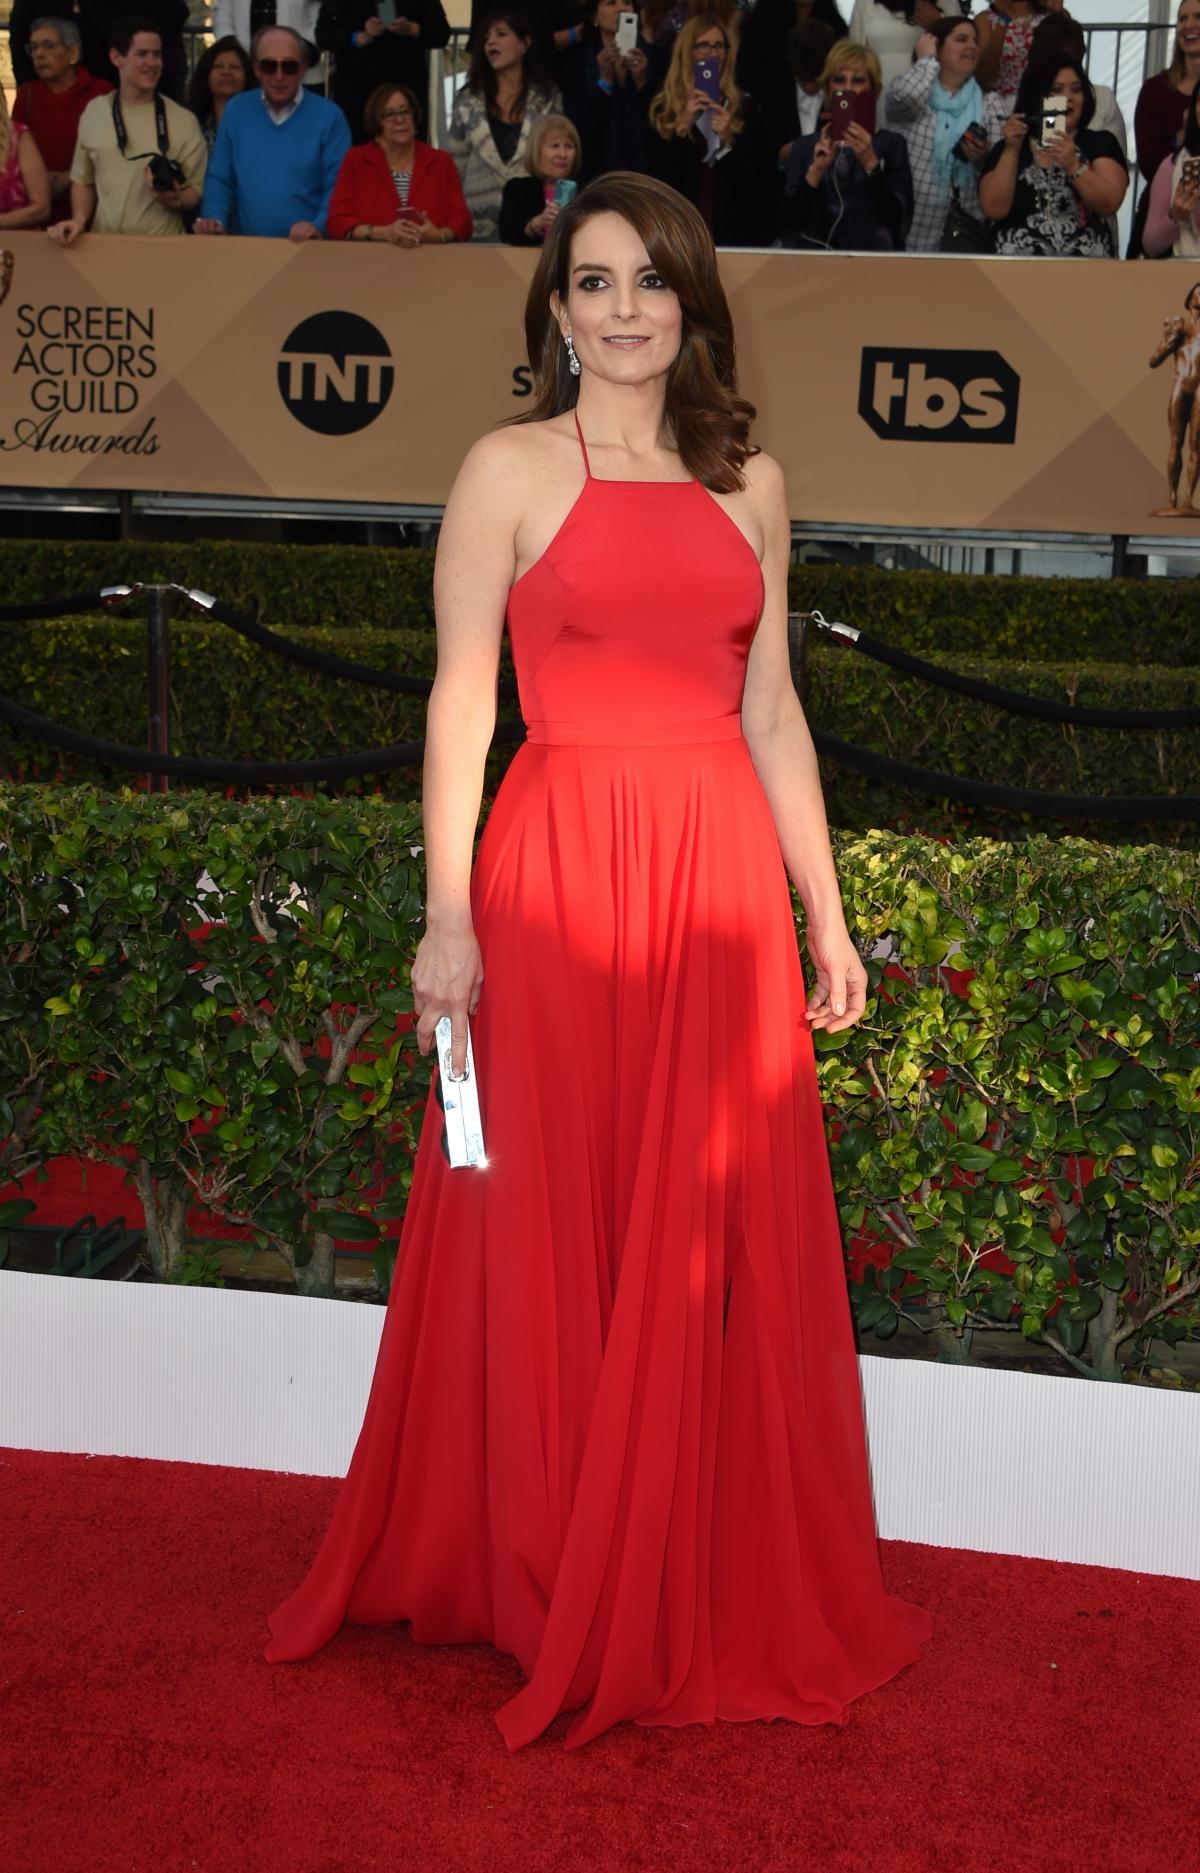 Screen Actors Guild Awards 2016